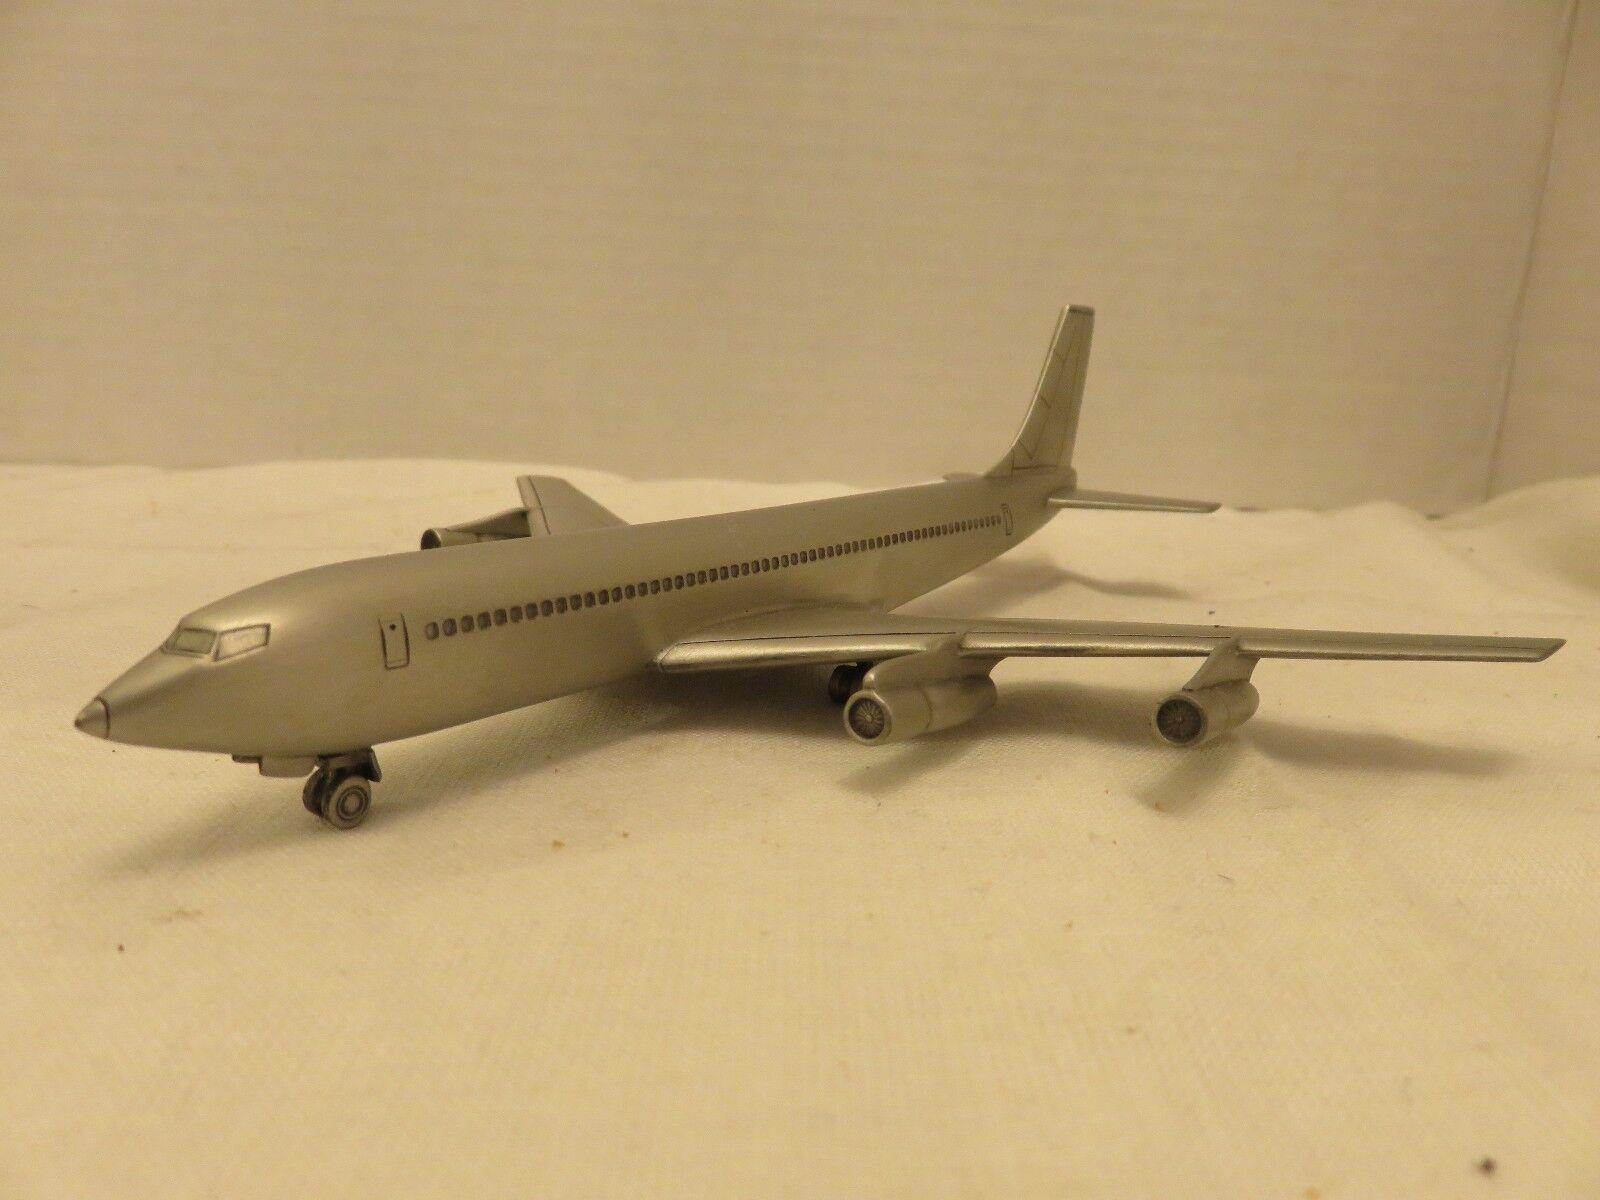 Mejor precio Danbury Mint sólido sólido sólido estaño Boeing 707 avión 1 247 escala detallada pre-owned  venta caliente en línea